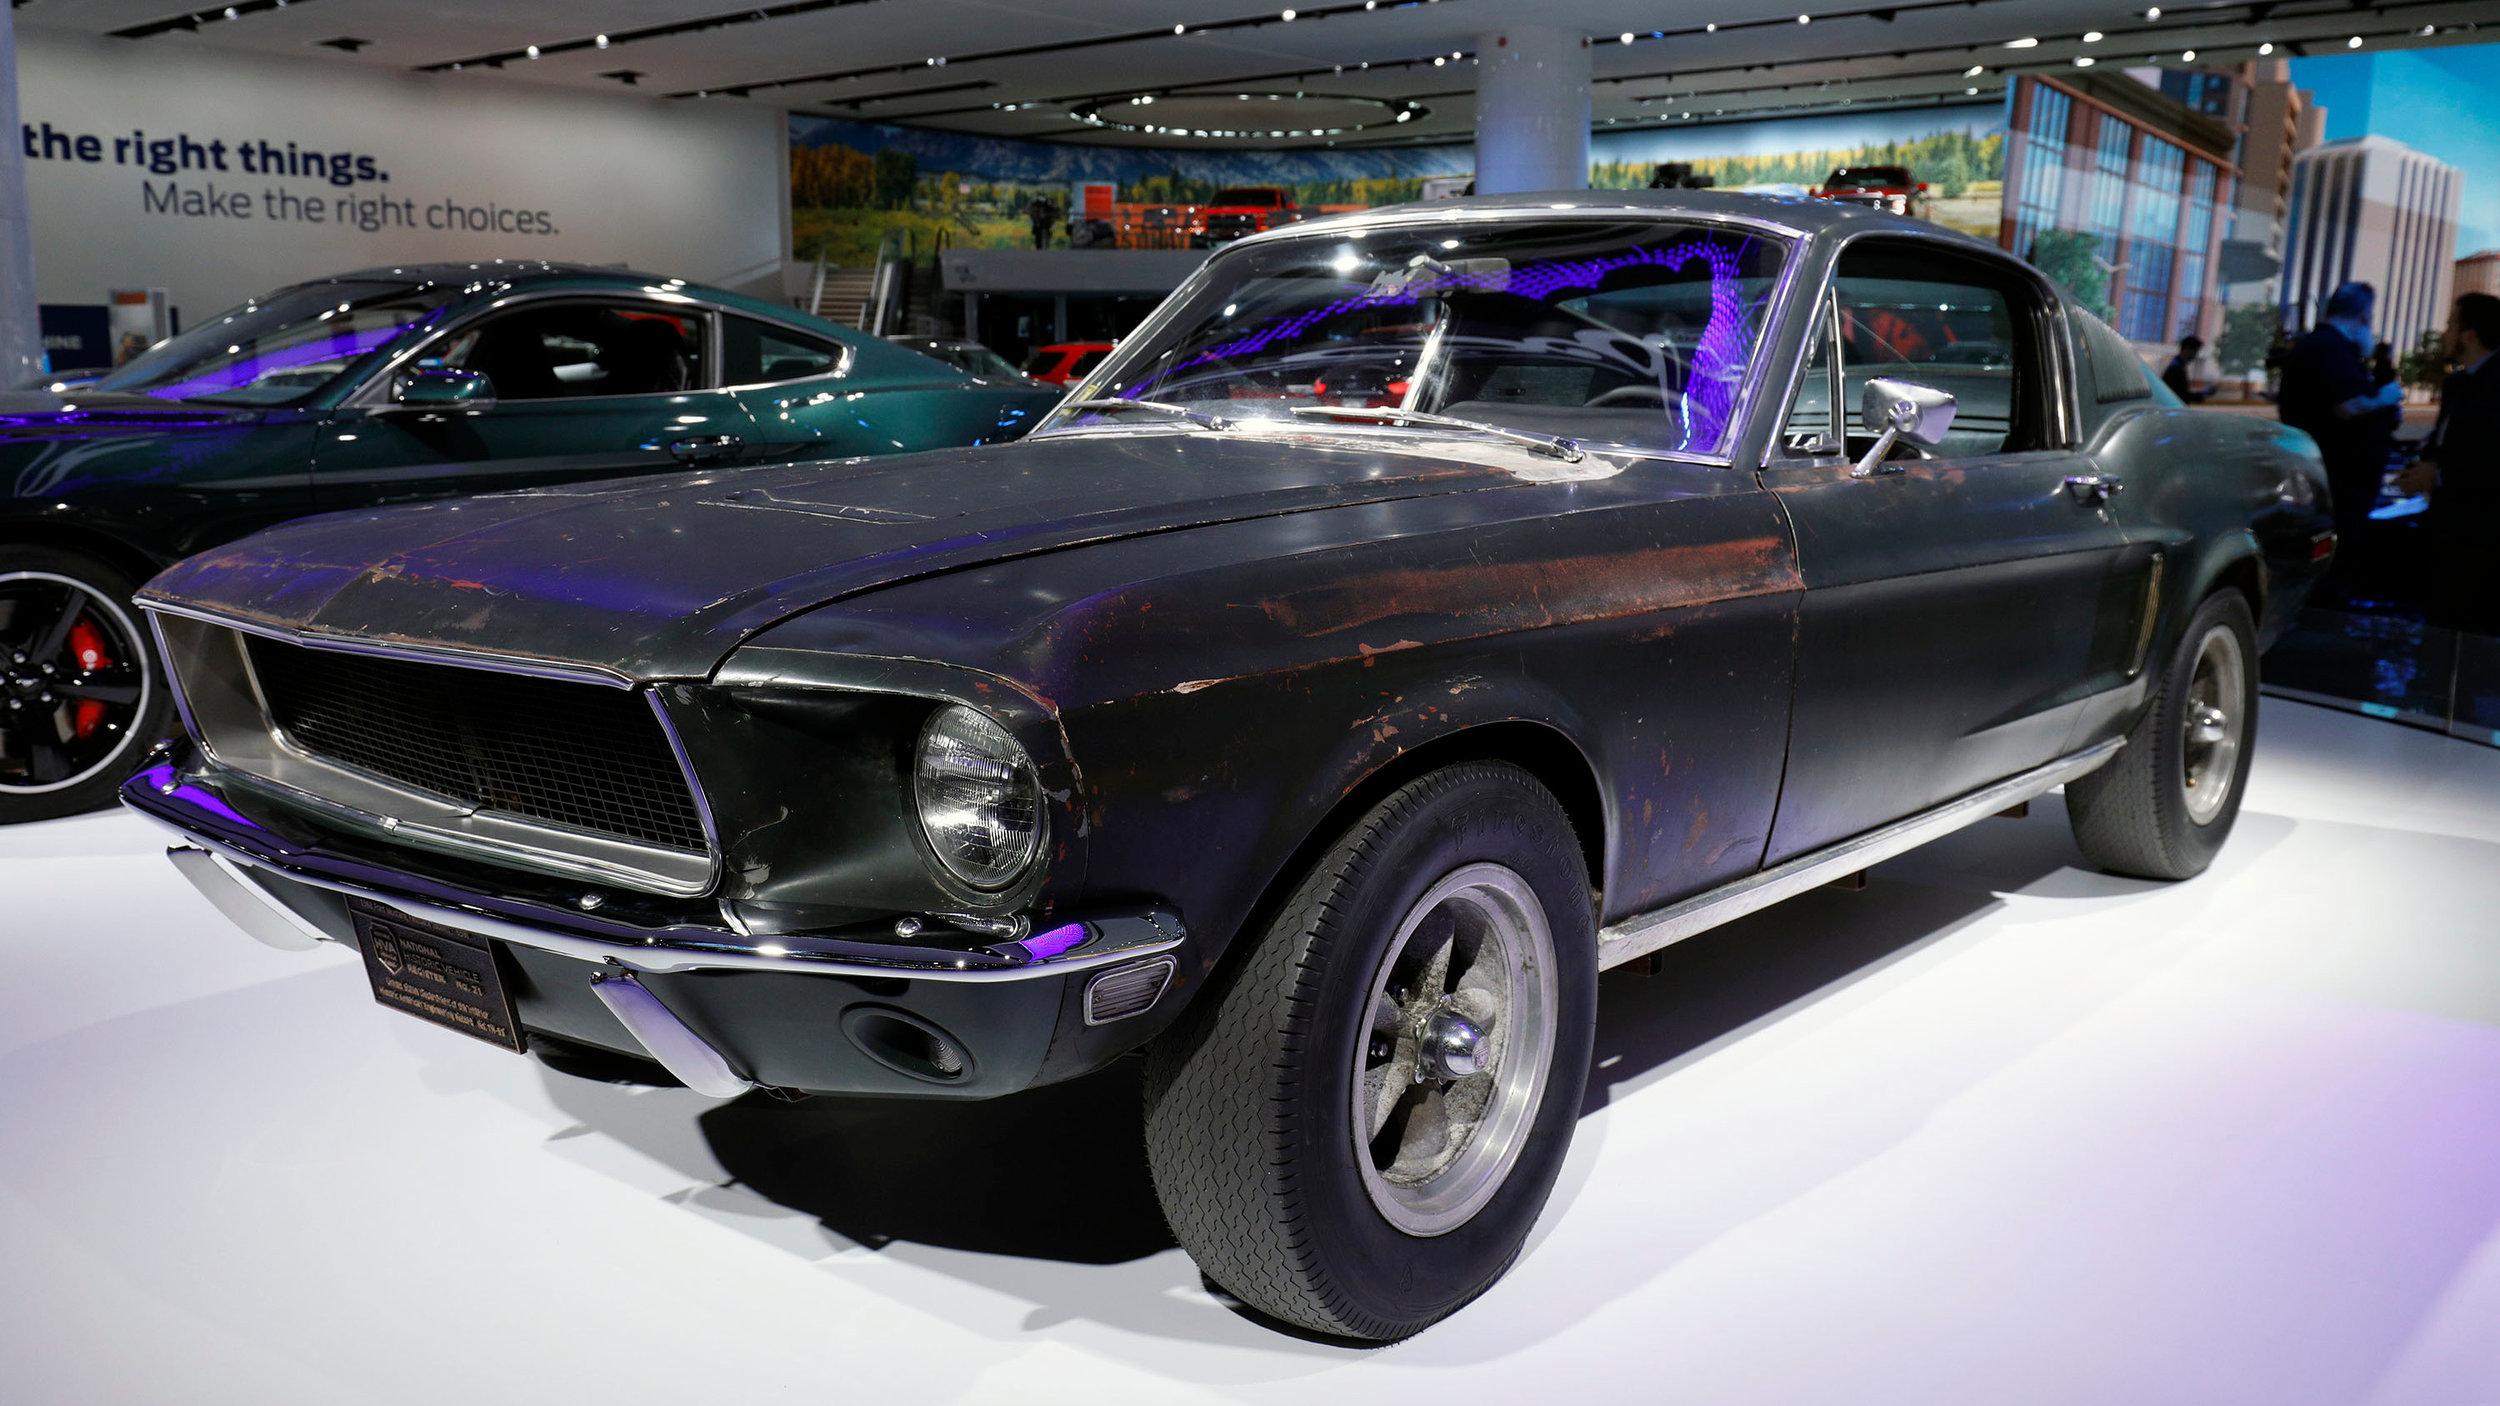 1968-ford-mustang-bullitt-real.jpg